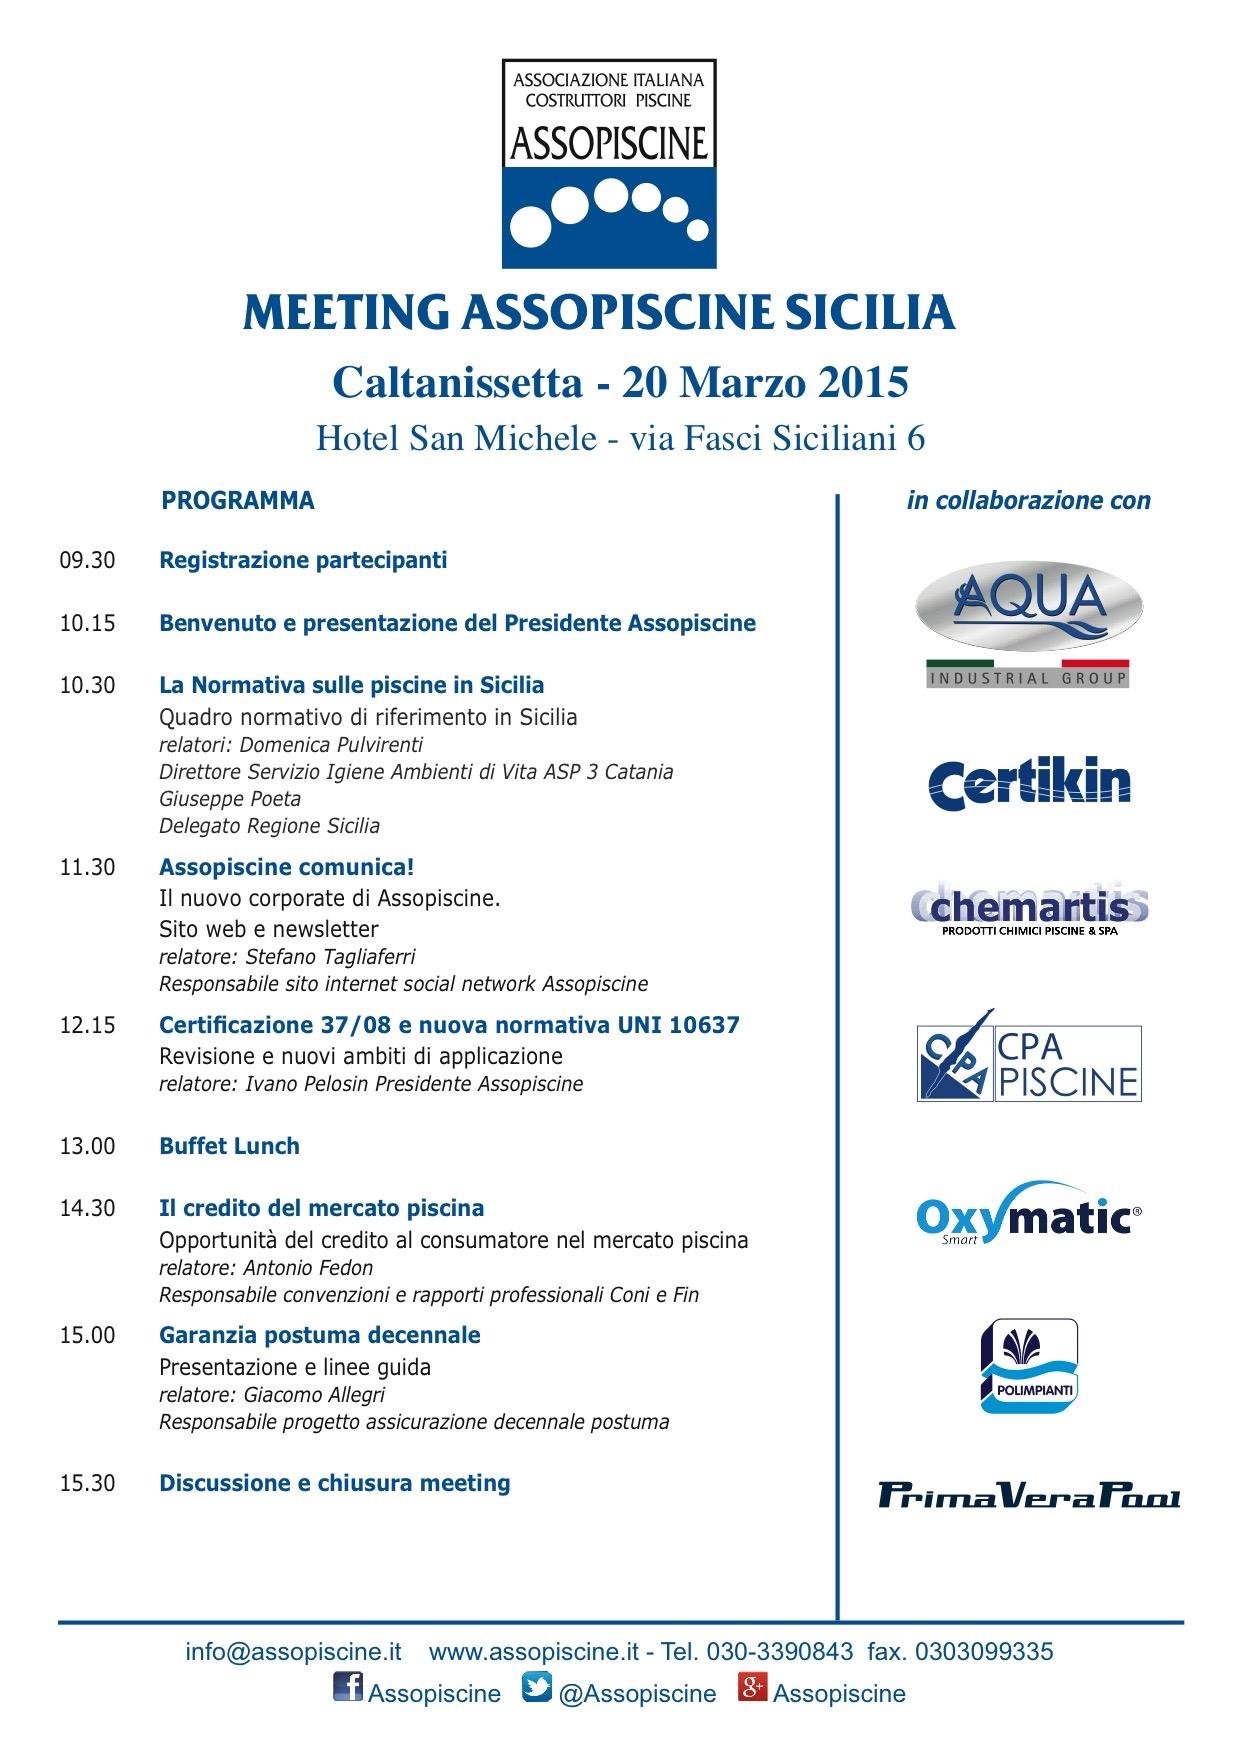 OXYMATIC MEETING ASSOPISCINE CALTANISSETTA